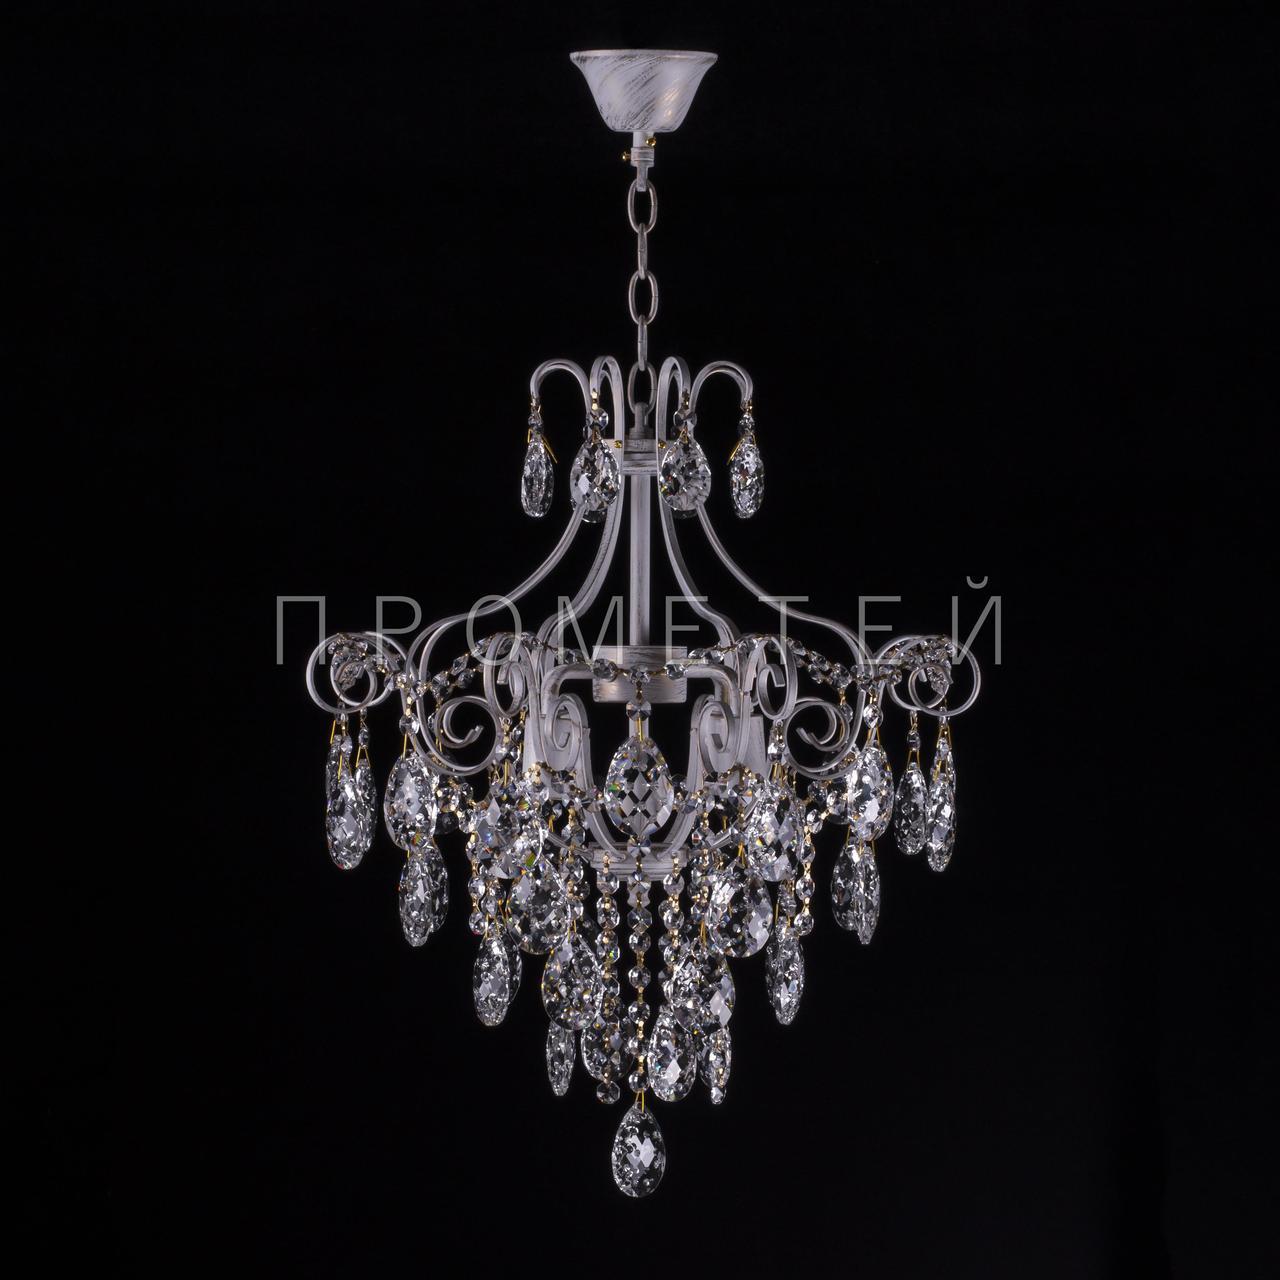 Хрустальная люстра, классическая на 4 лампочки .P5-E1144/4/WT+CH